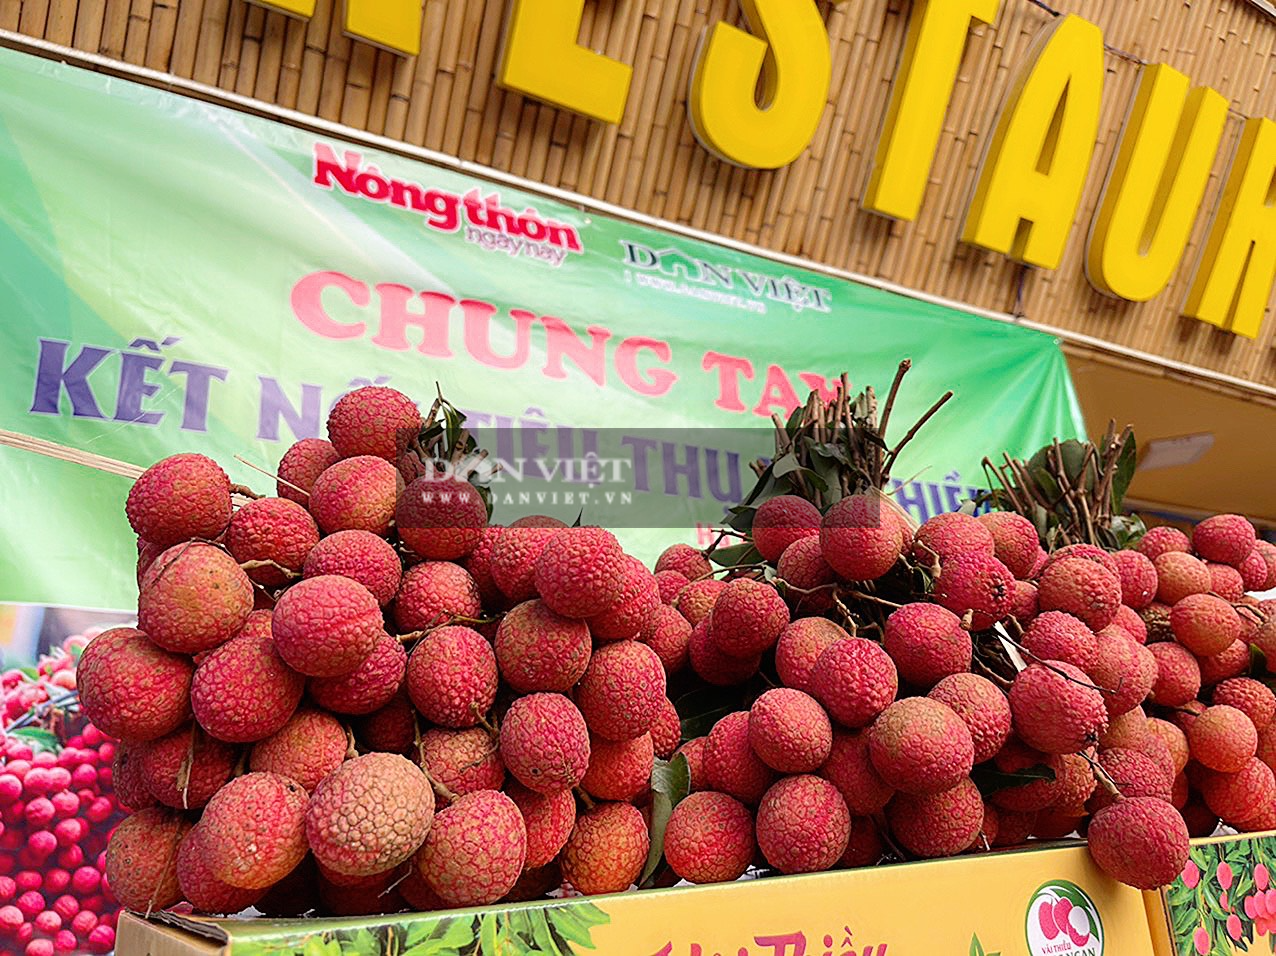 Vải thiều Lục Ngạn đã có mặt tại Trung tâm kết nối tiêu thụ nông sản Báo NTNN/ Điện tử Dân Việt - Ảnh 3.